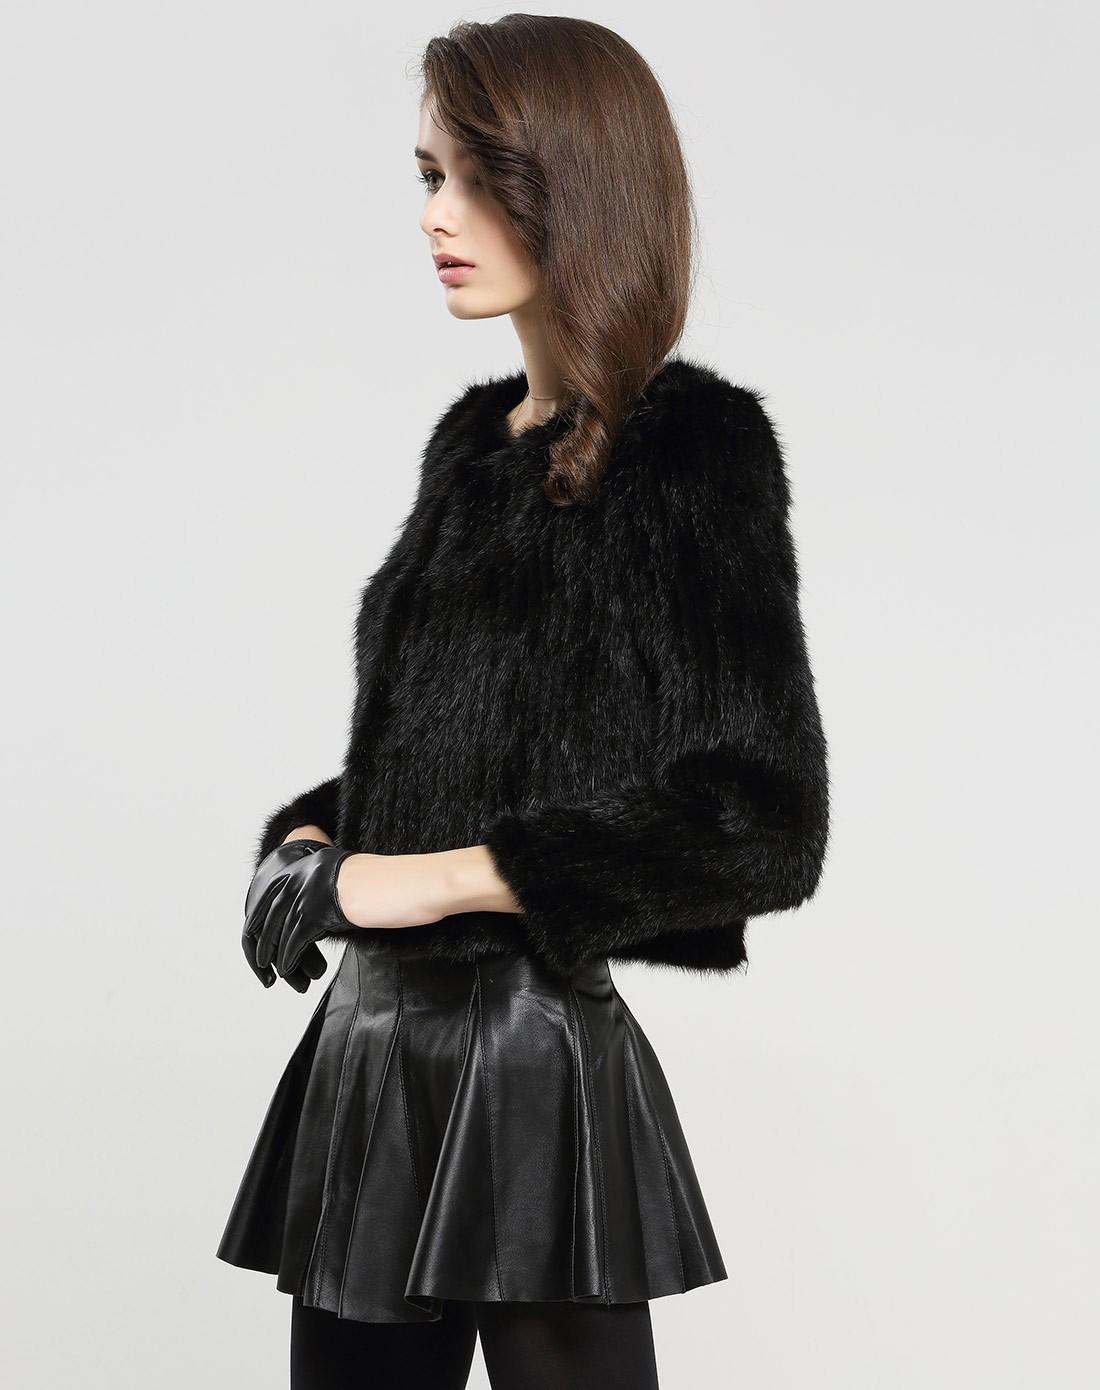 女黑色水貂毛圆领时尚百搭皮草外套